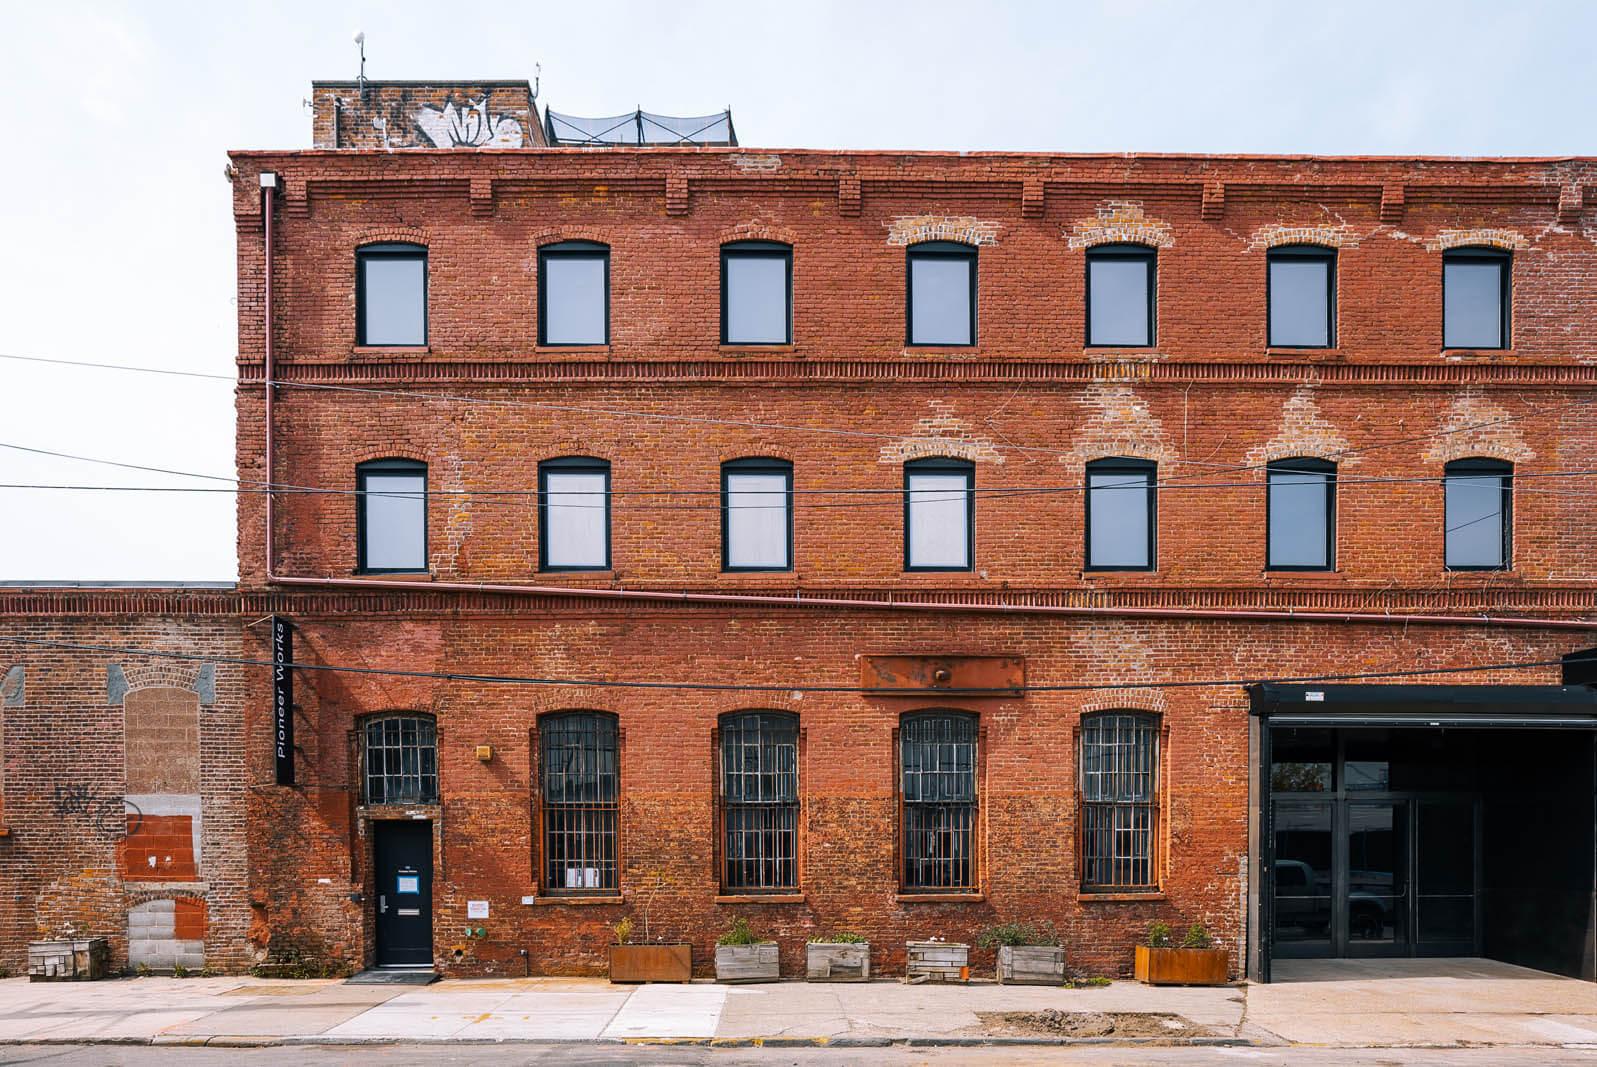 Pioneer Works art gallery in Red Hook Brooklyn